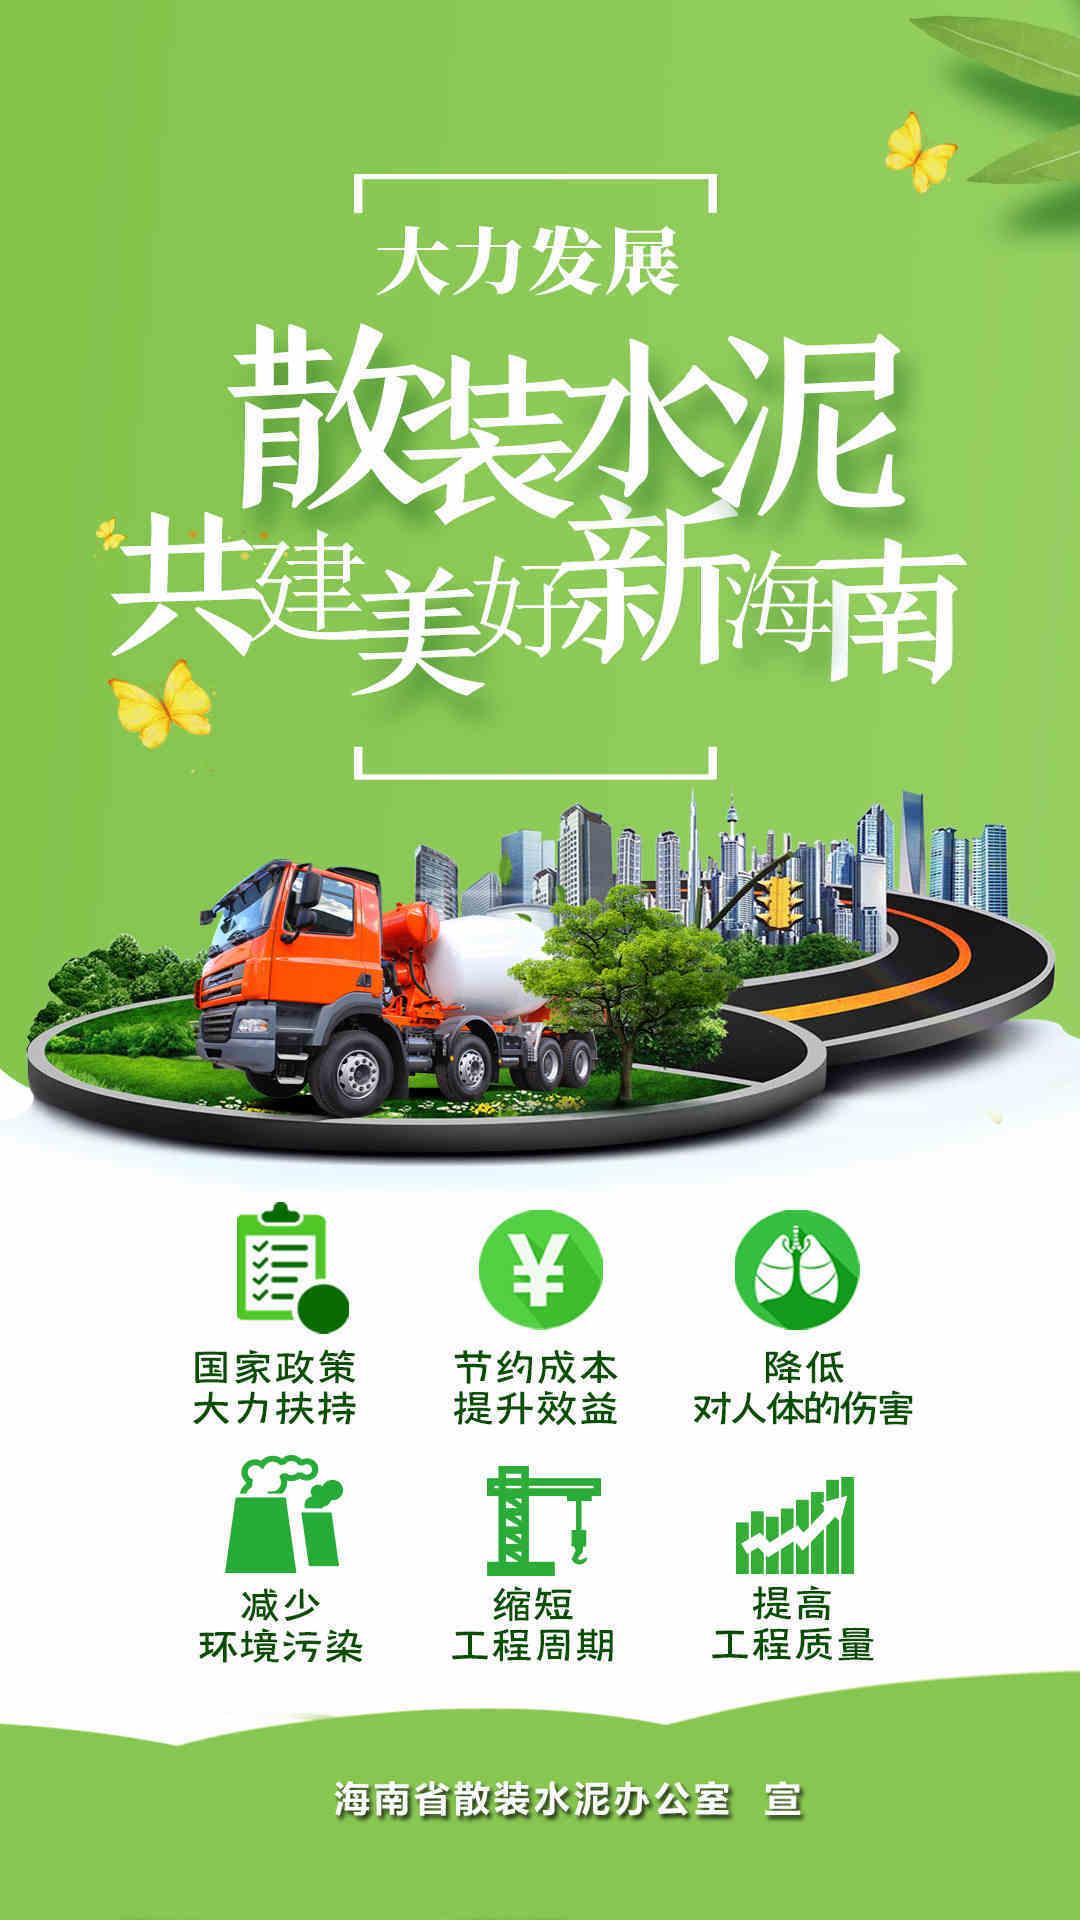 海南大力推广散装水泥提高经济效益实现环保节能